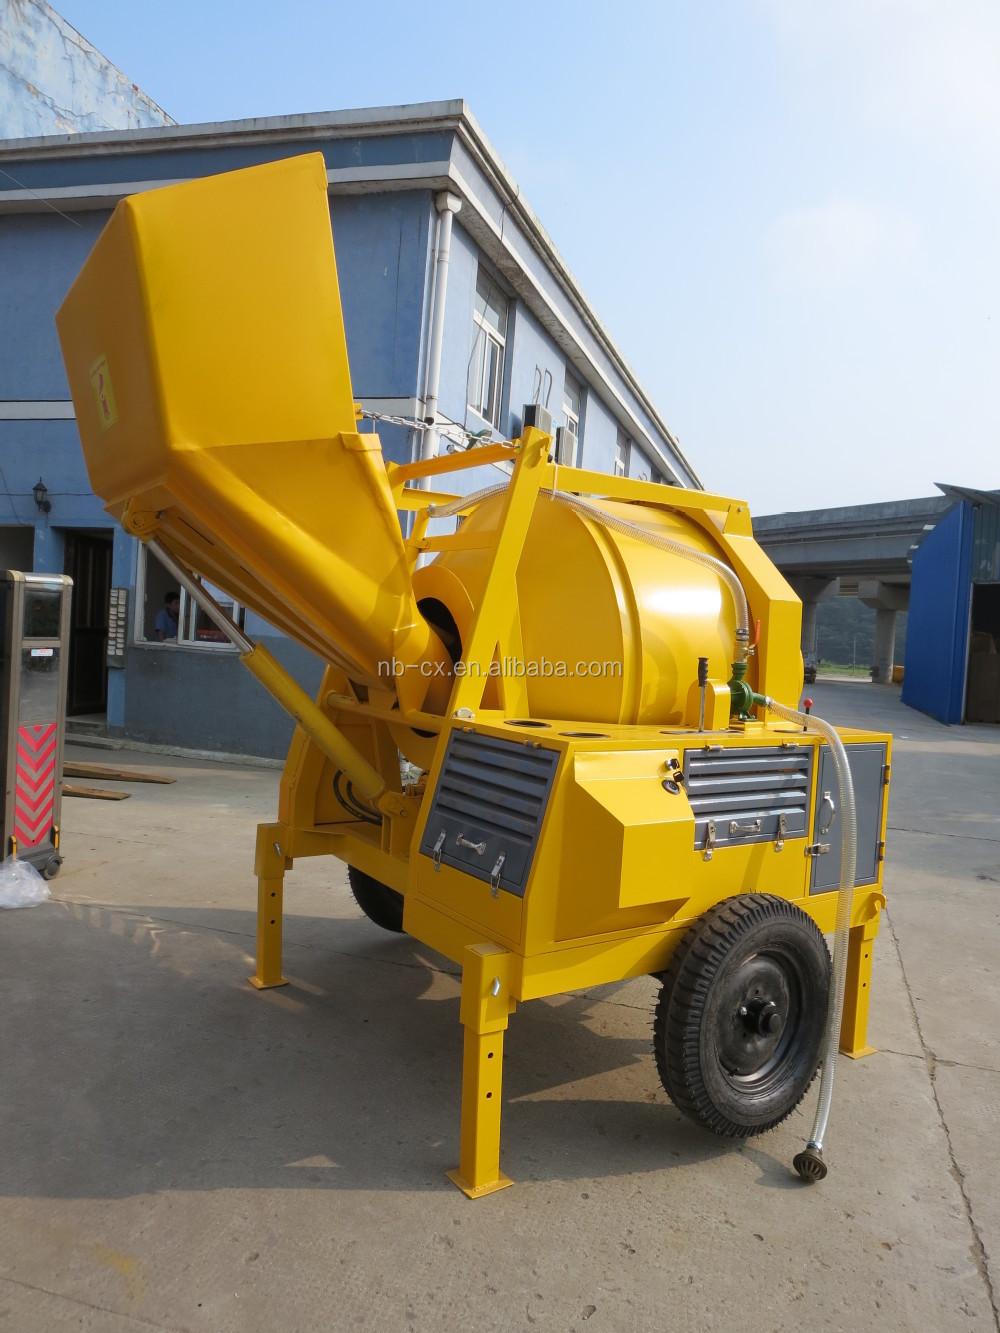 JZC350-DH concrete mixer